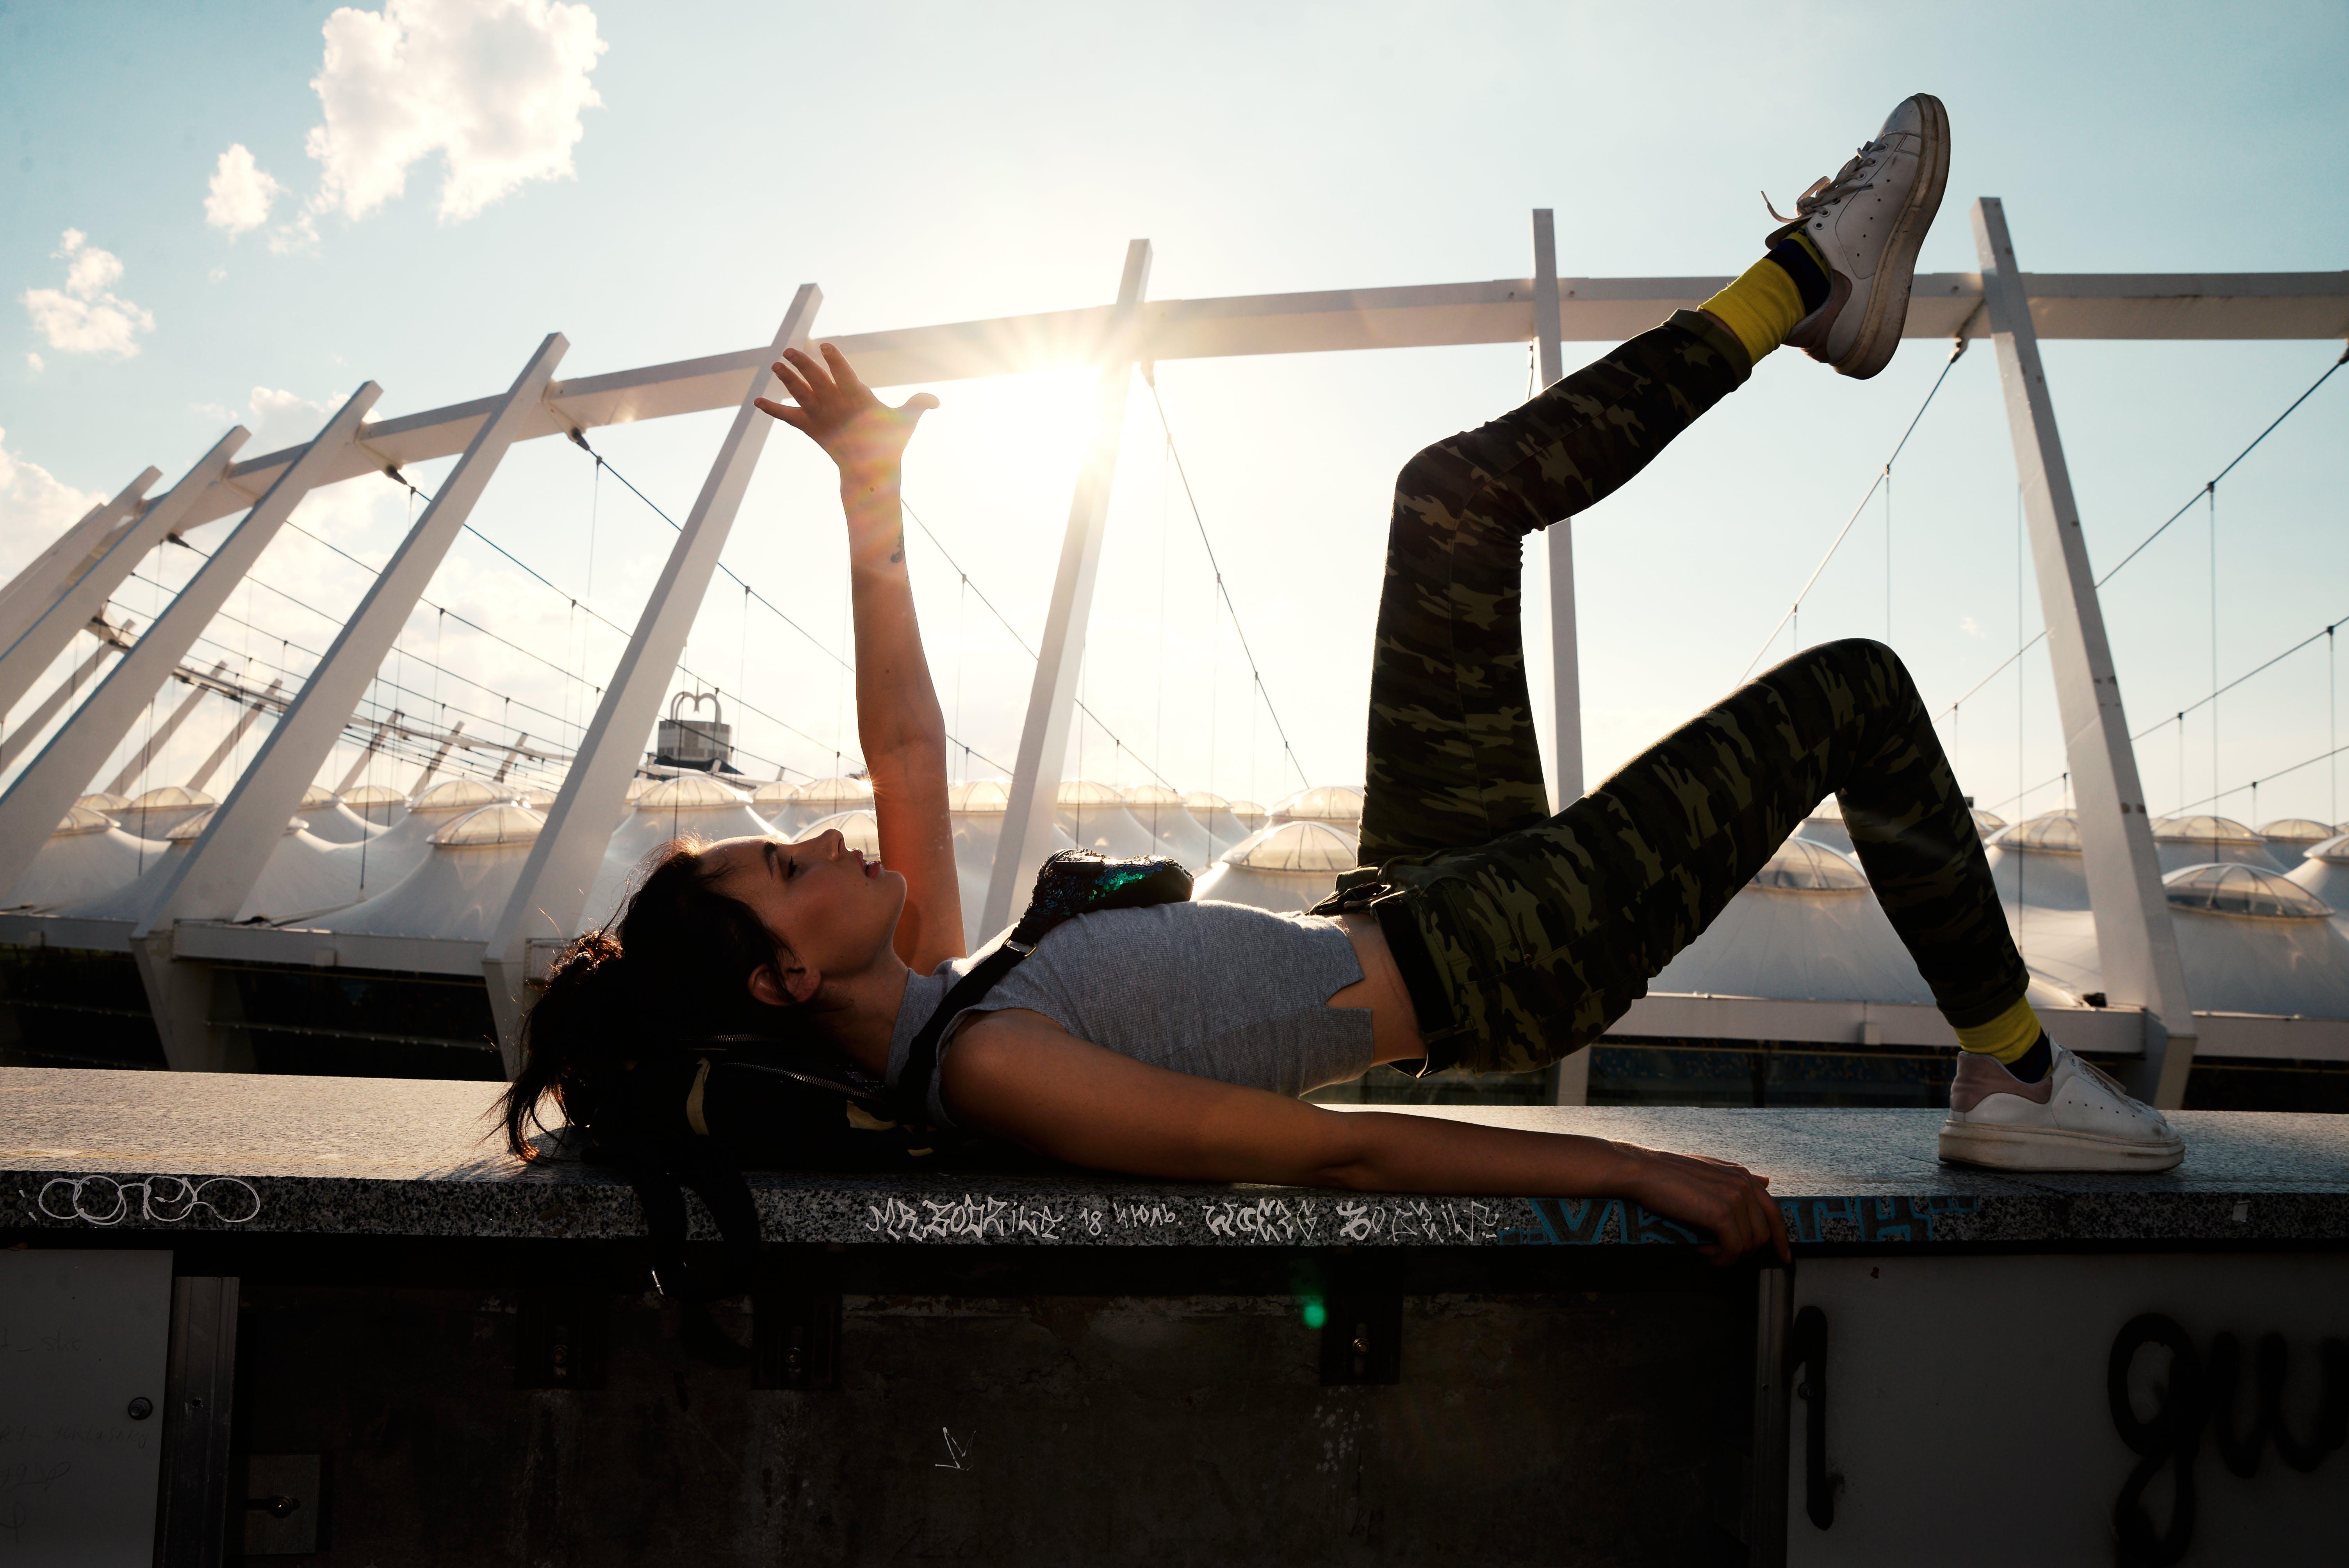 açık hava, antrenman yapmak, boş zaman, dinlenme içeren Ücretsiz stok fotoğraf